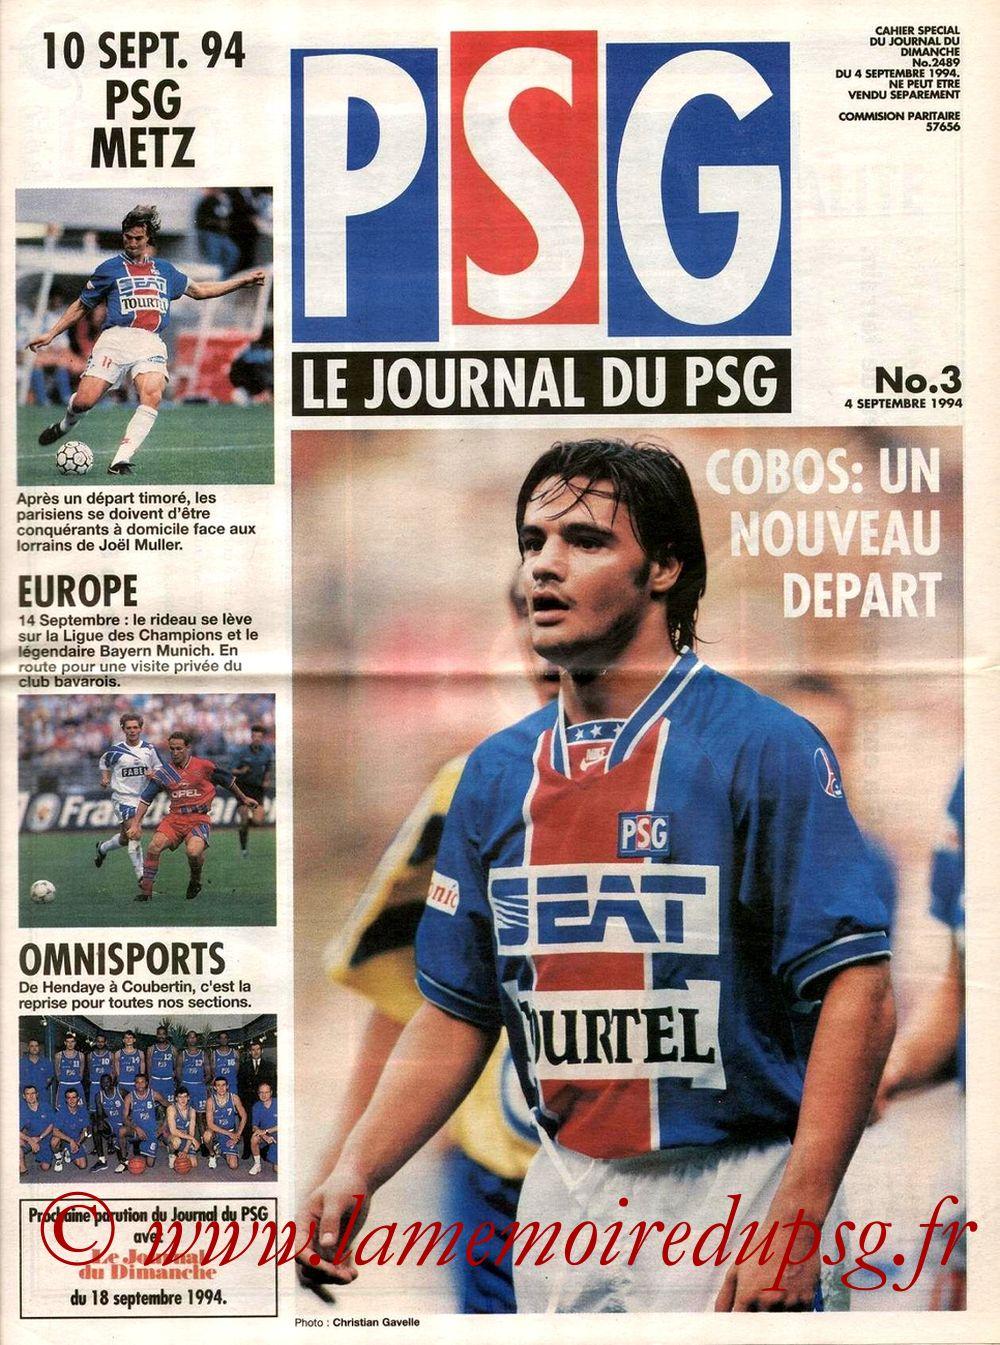 1994-09-10  PSG-Metz (8ème D1, Le journal du PSG N°3)